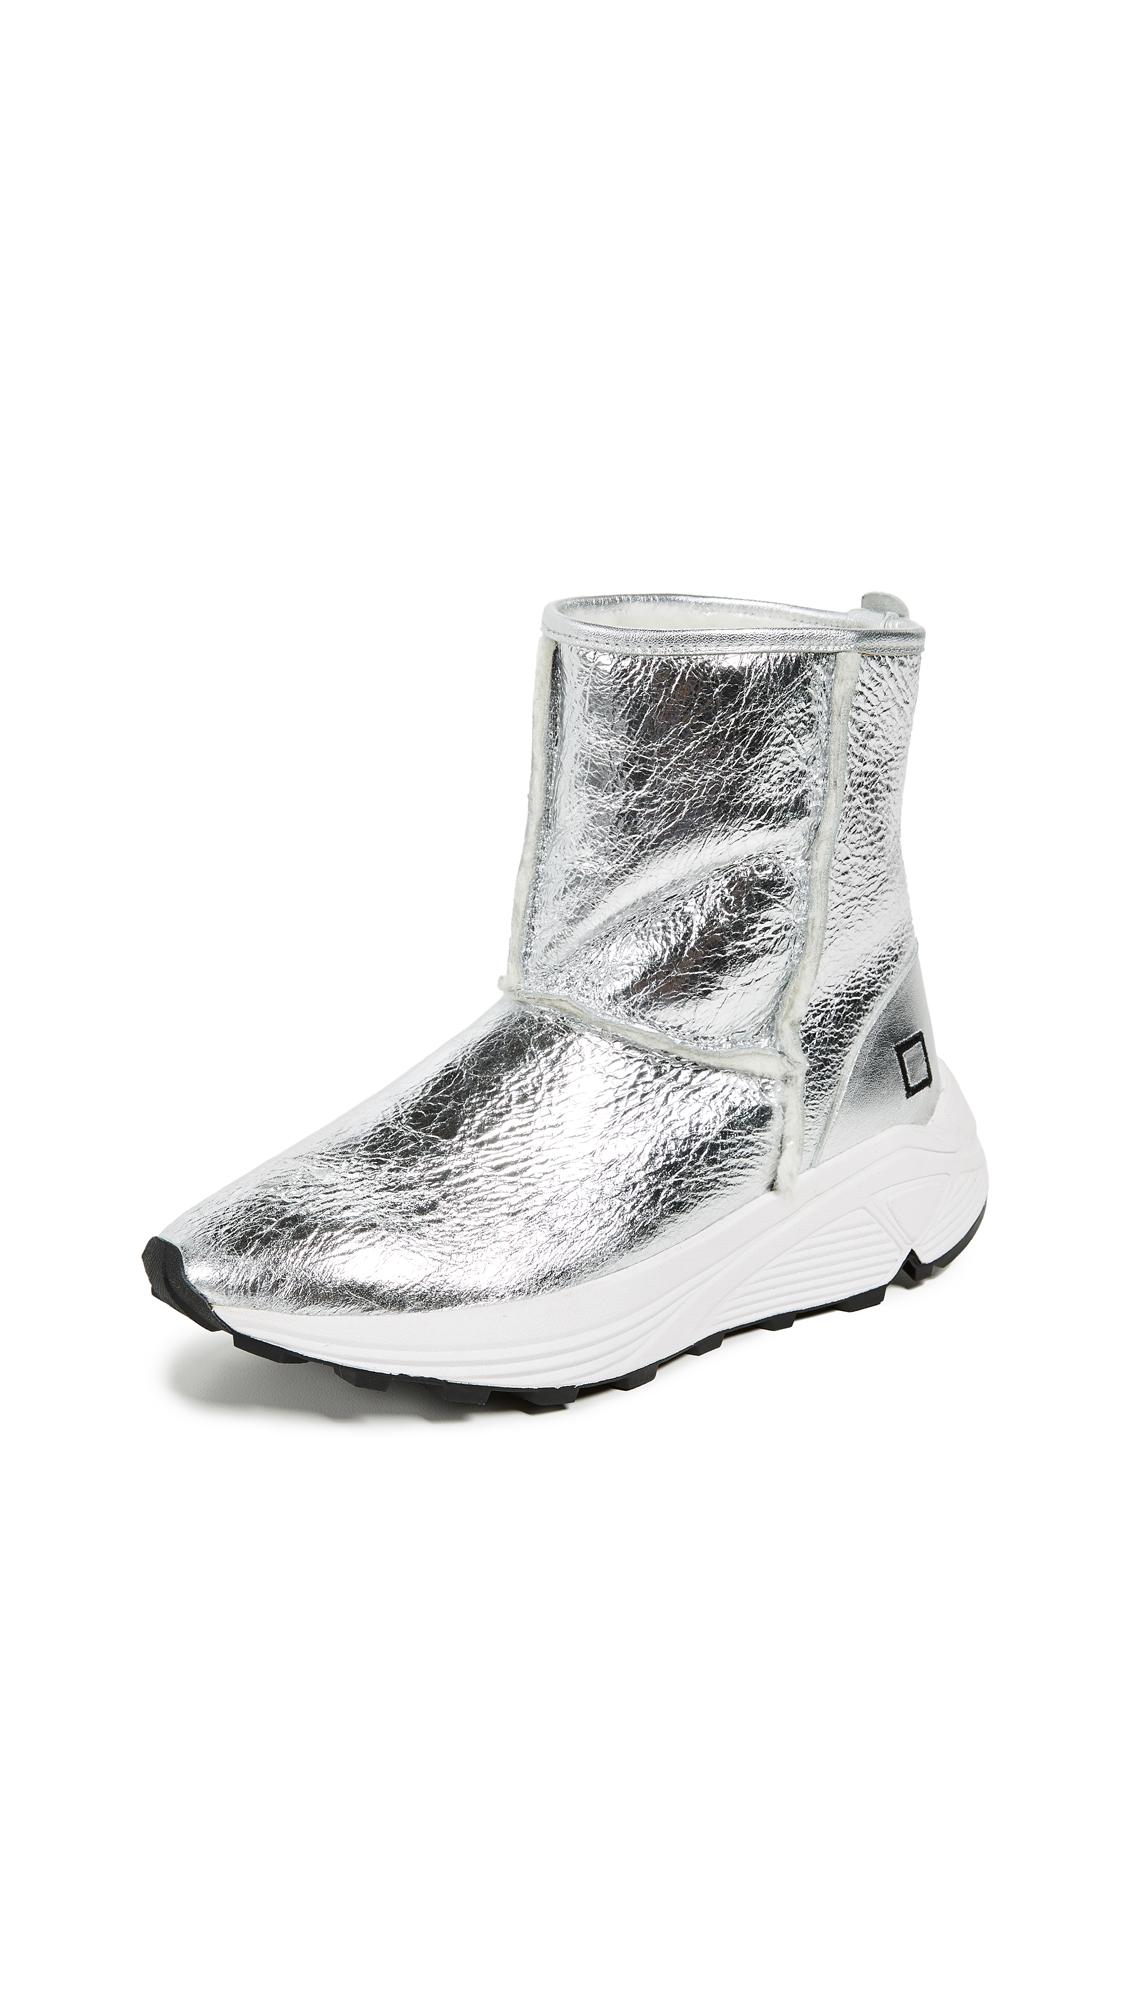 D.A.T.E. Dafne Sherpa Laminated Sneakers